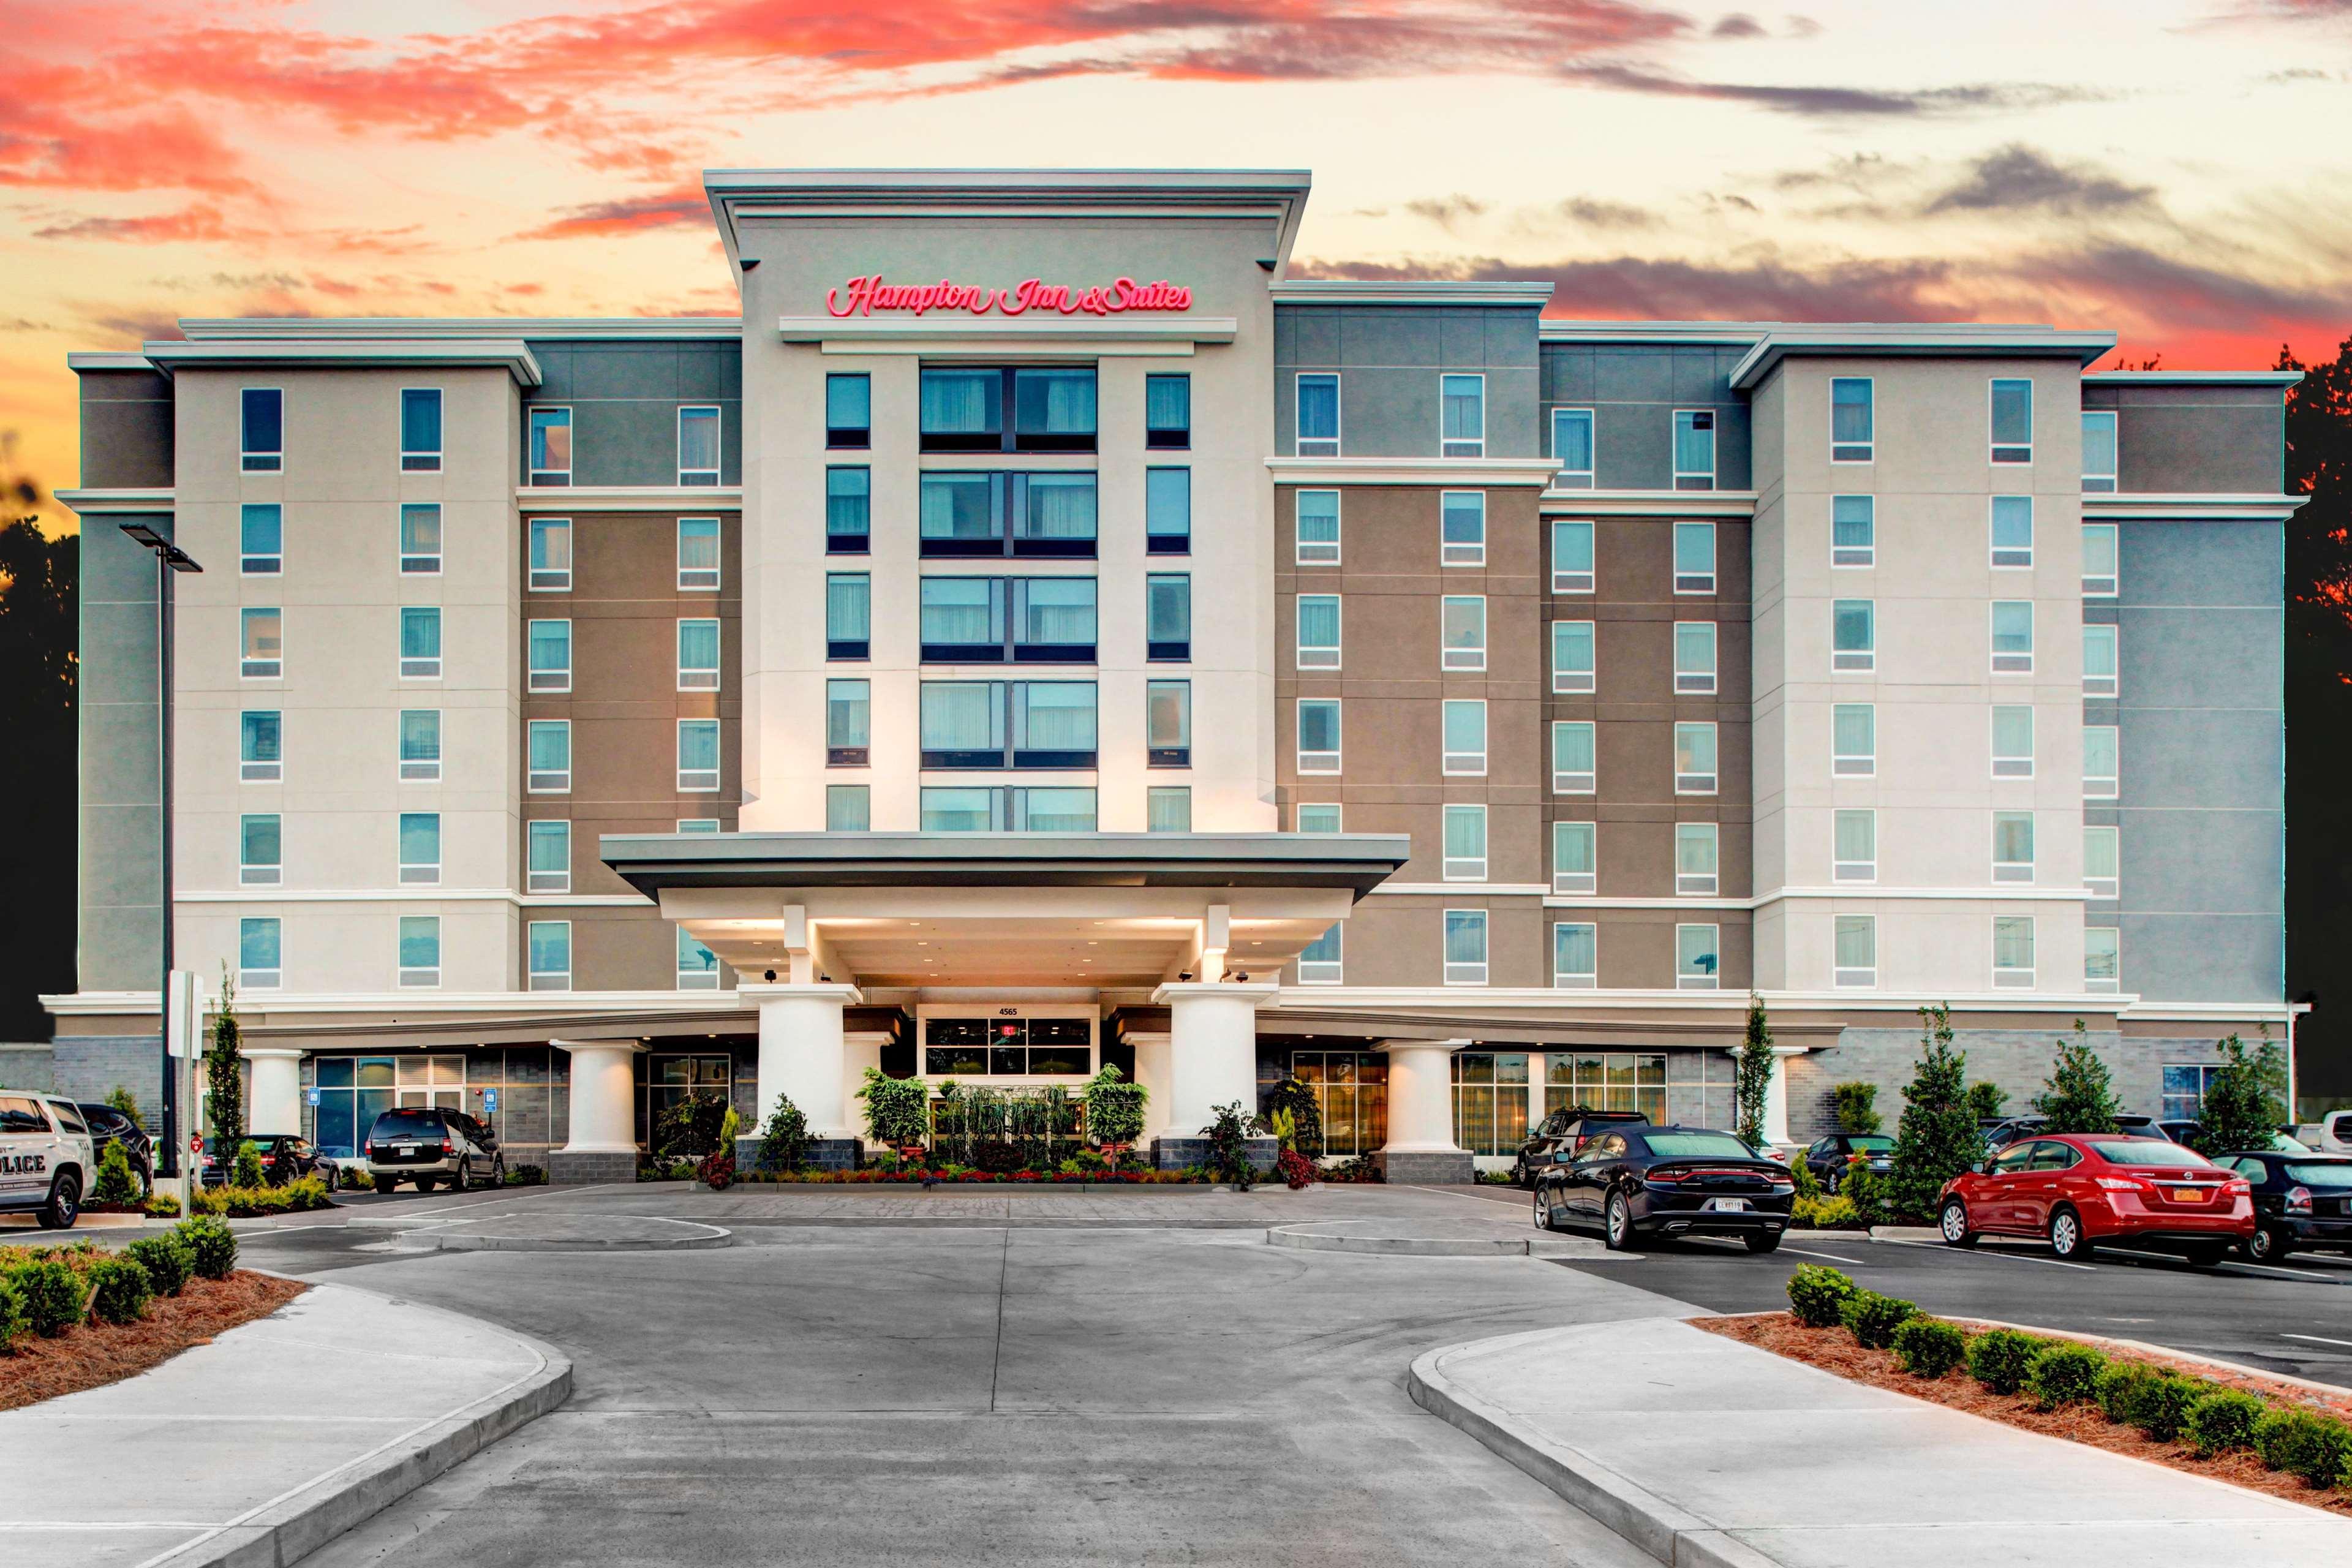 Hampton Inn & Suites by Hilton Atlanta Perimeter Dunwoody image 1